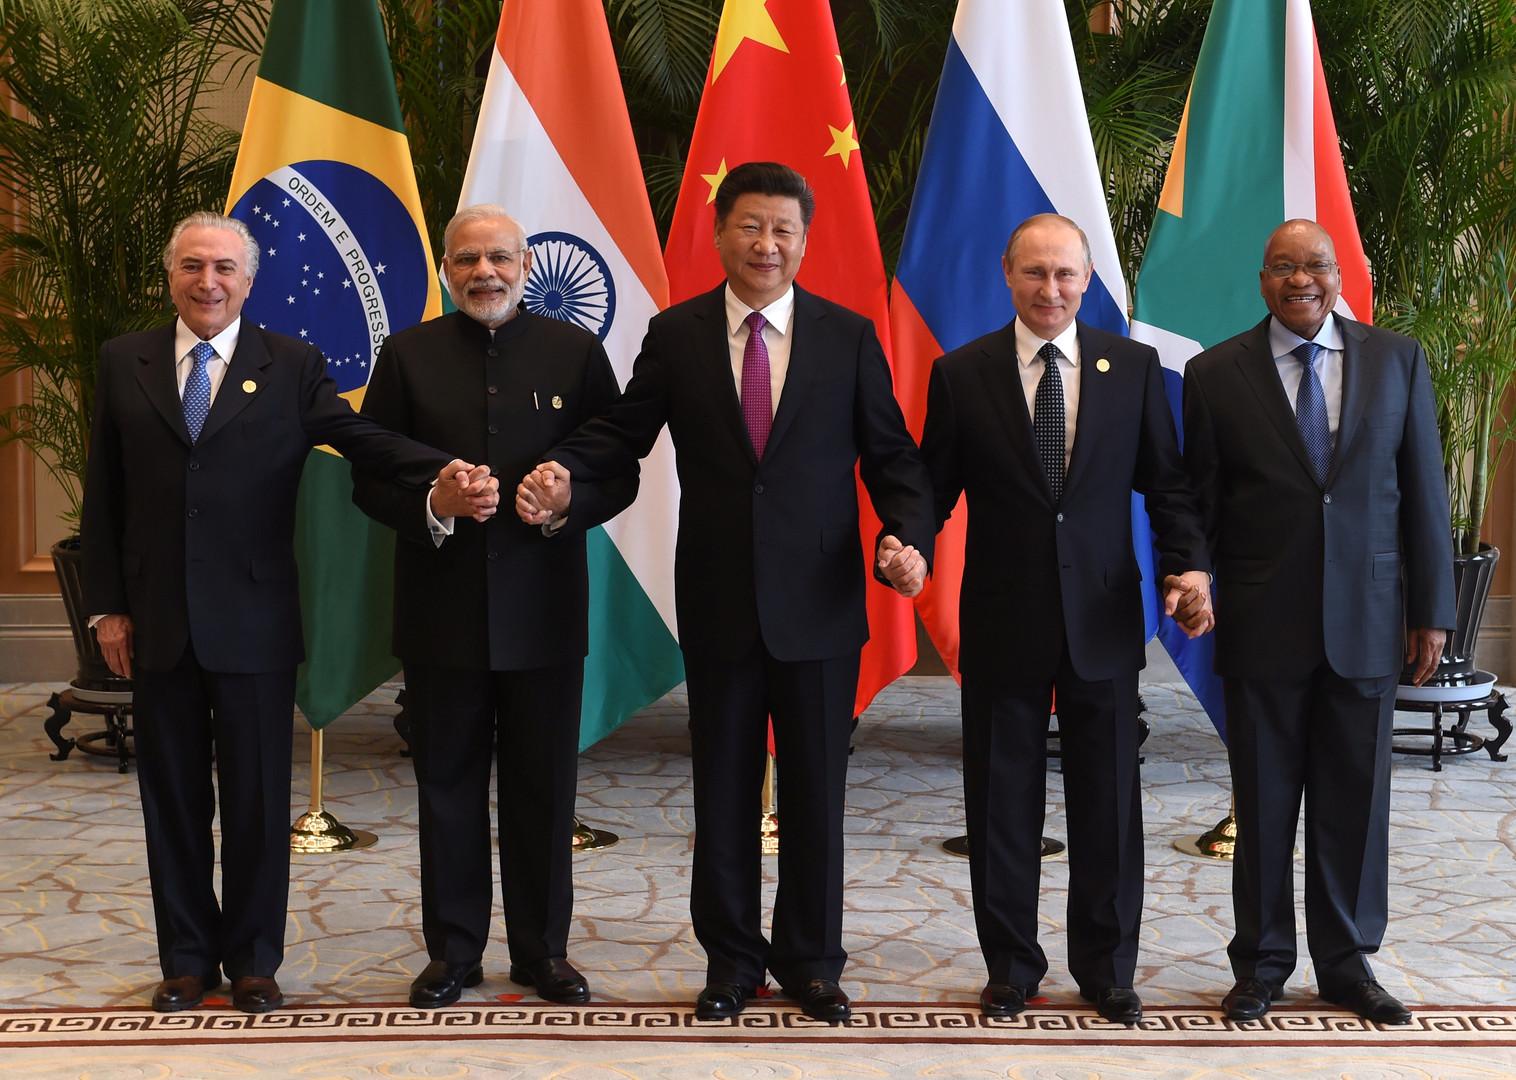 Неформальная встреча лидеров стран БРИКС (Бразилия, Россия, Индия, Китай, ЮАР) перед началом саммита G20 в китайском Ханчжоу